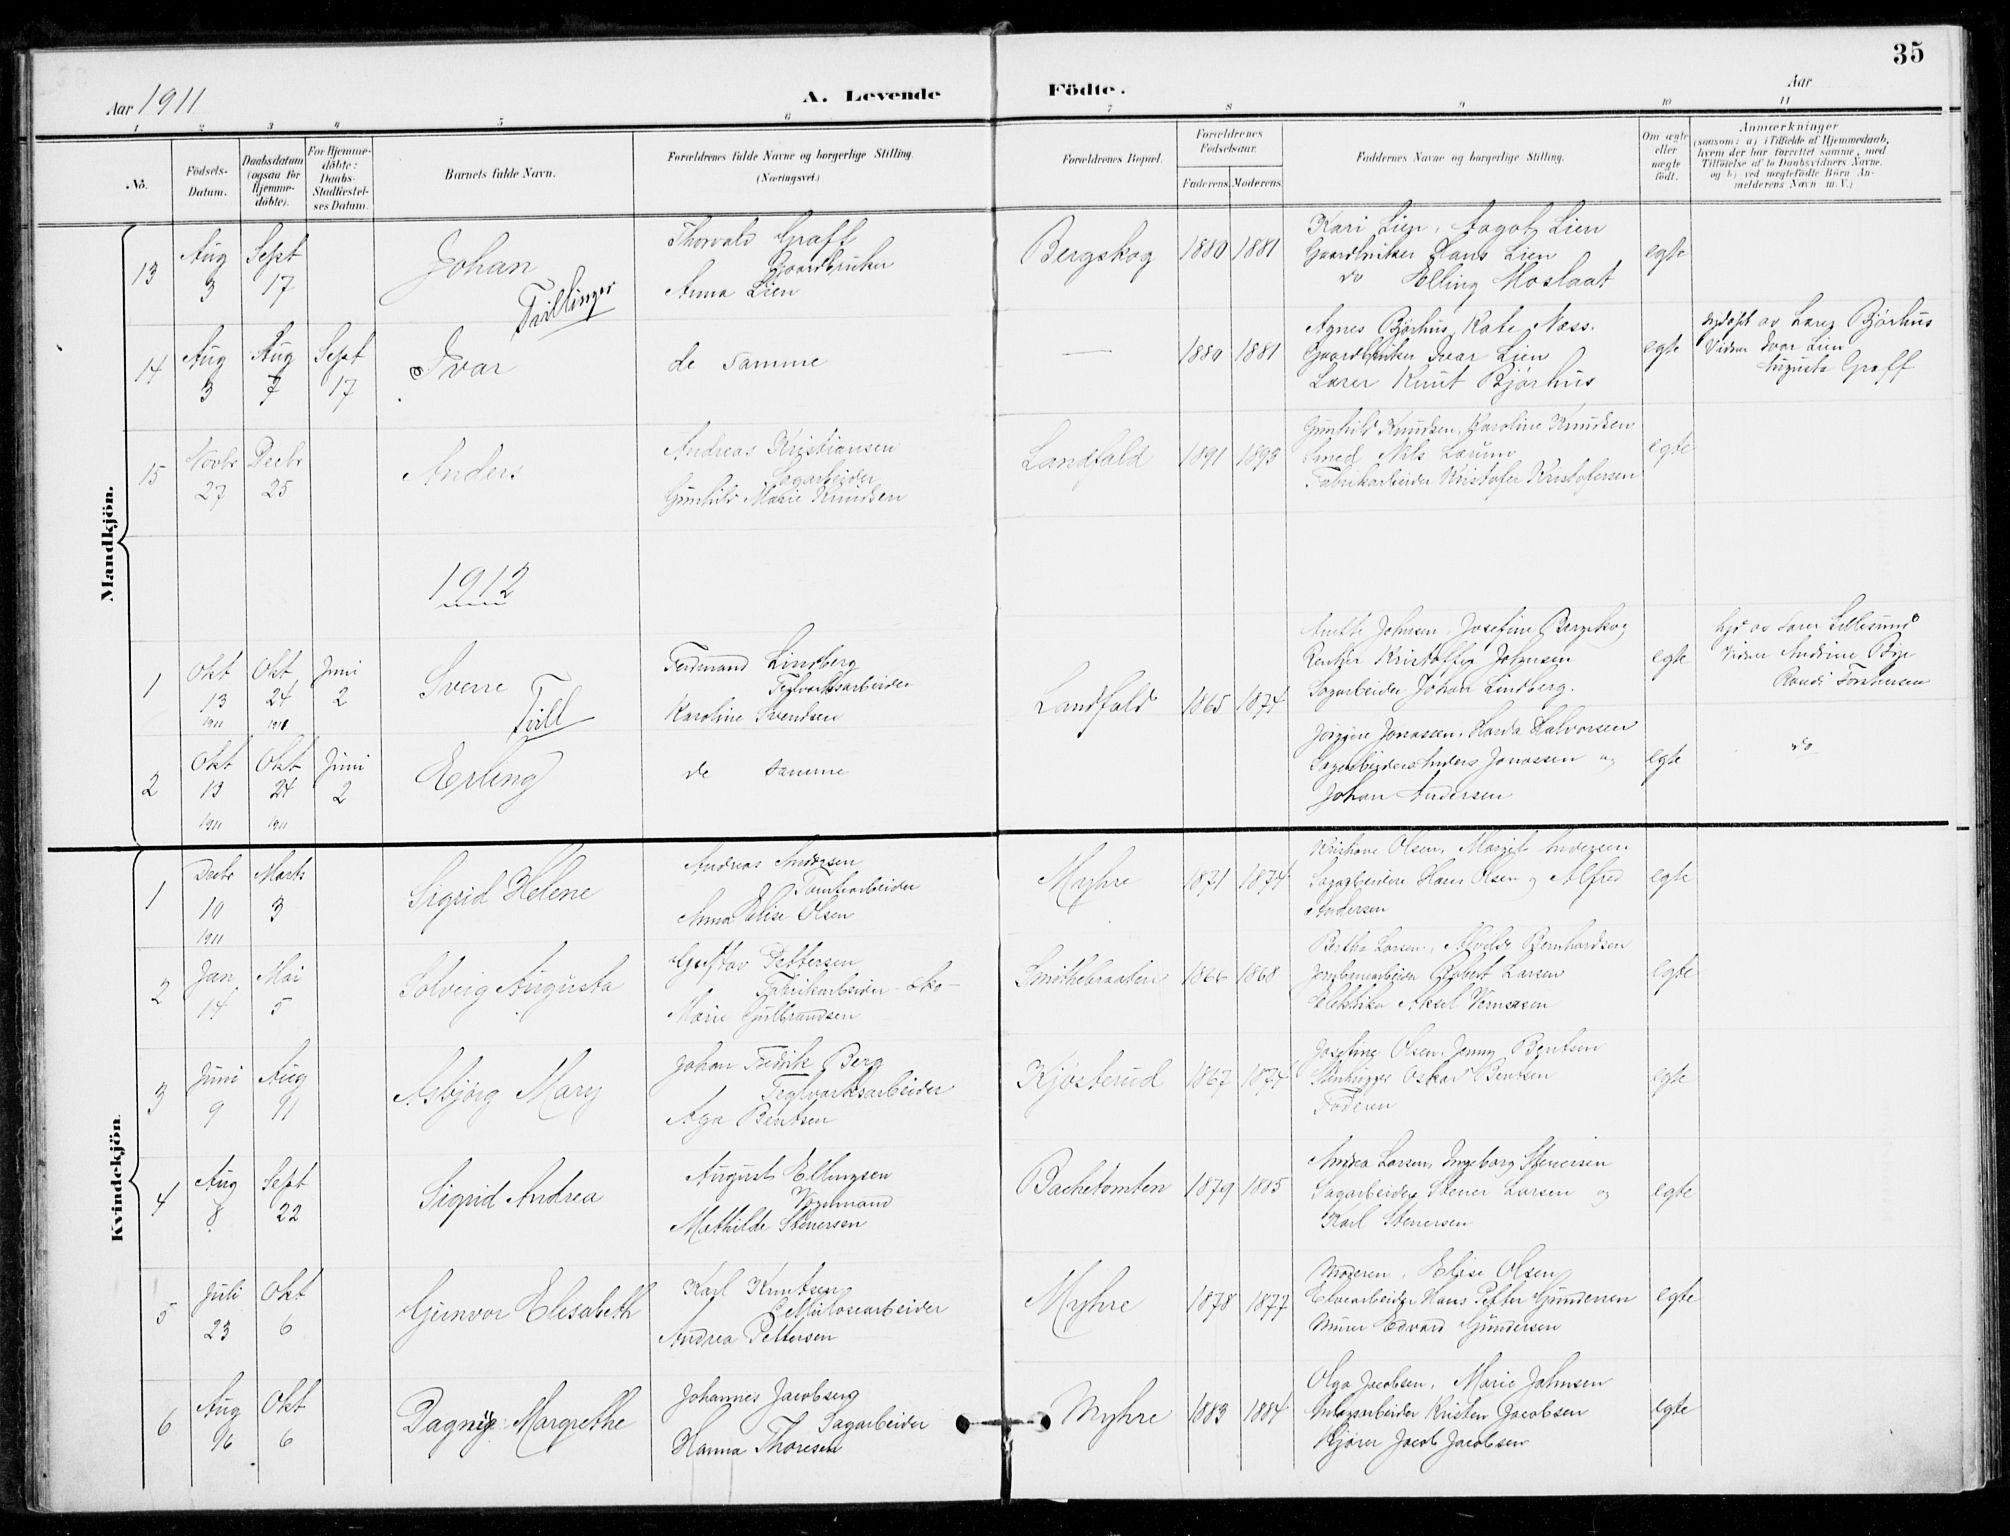 SAKO, Åssiden kirkebøker, F/Fa/L0002: Ministerialbok nr. 2, 1896-1916, s. 35